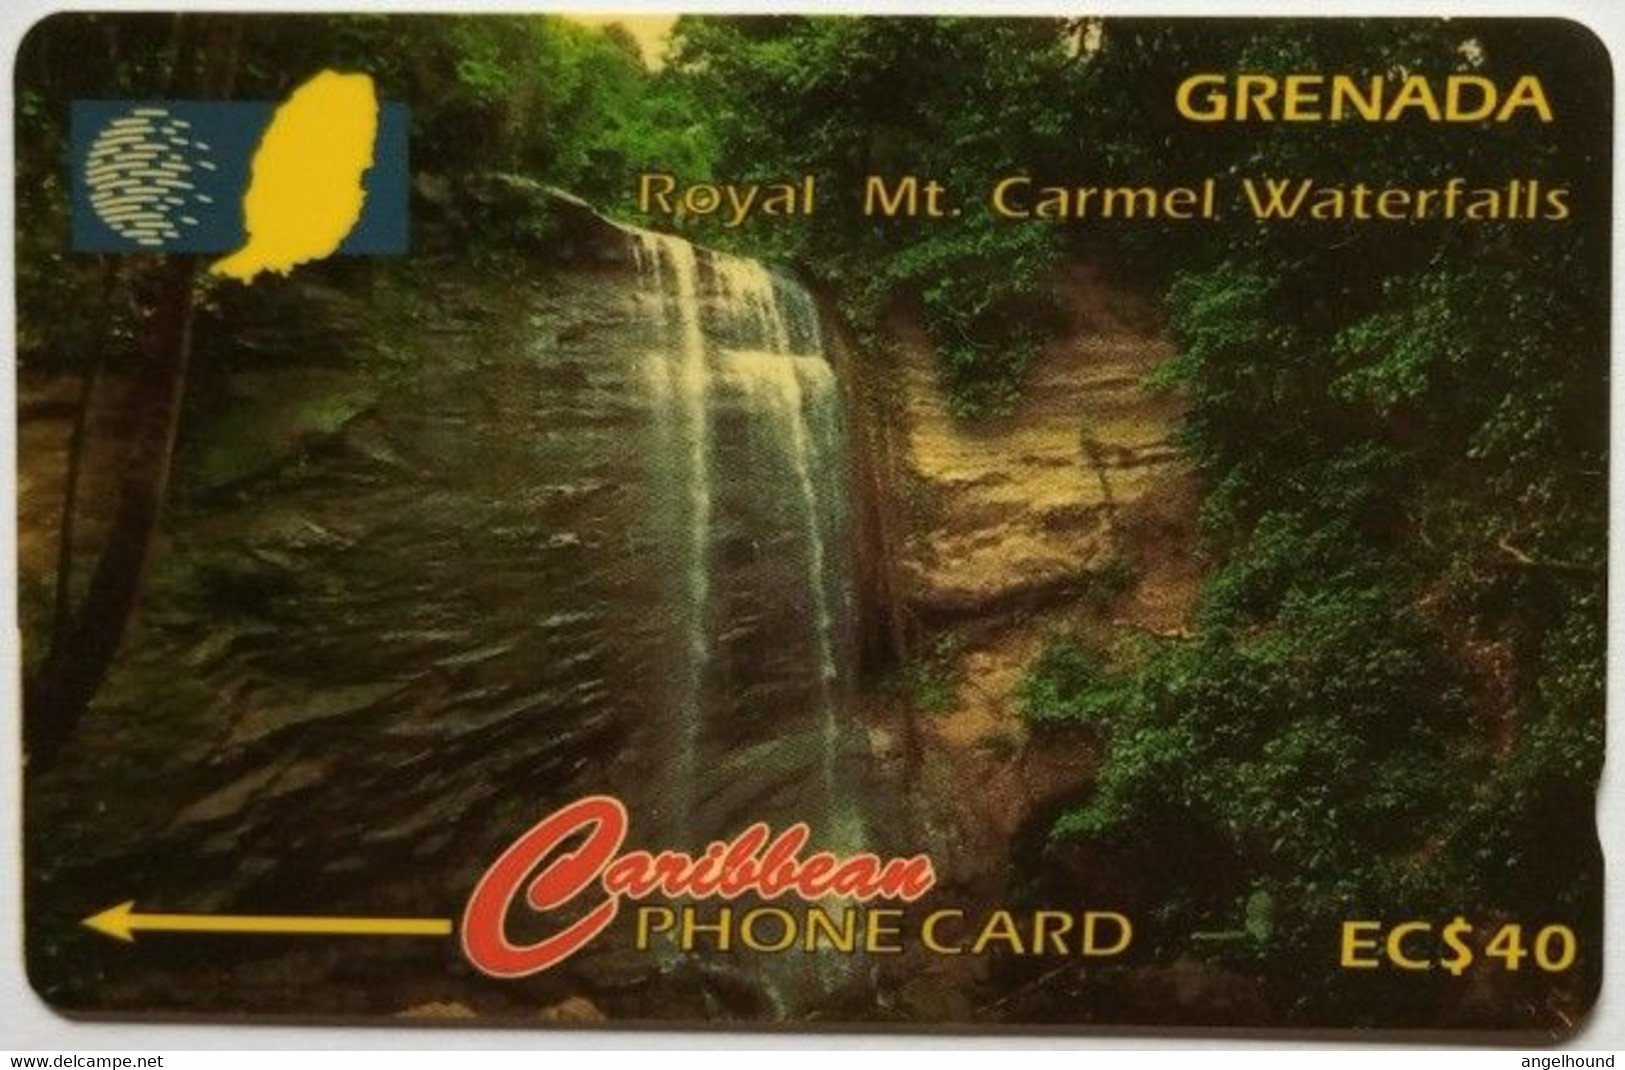 148CGRD EC$40 - Grenada